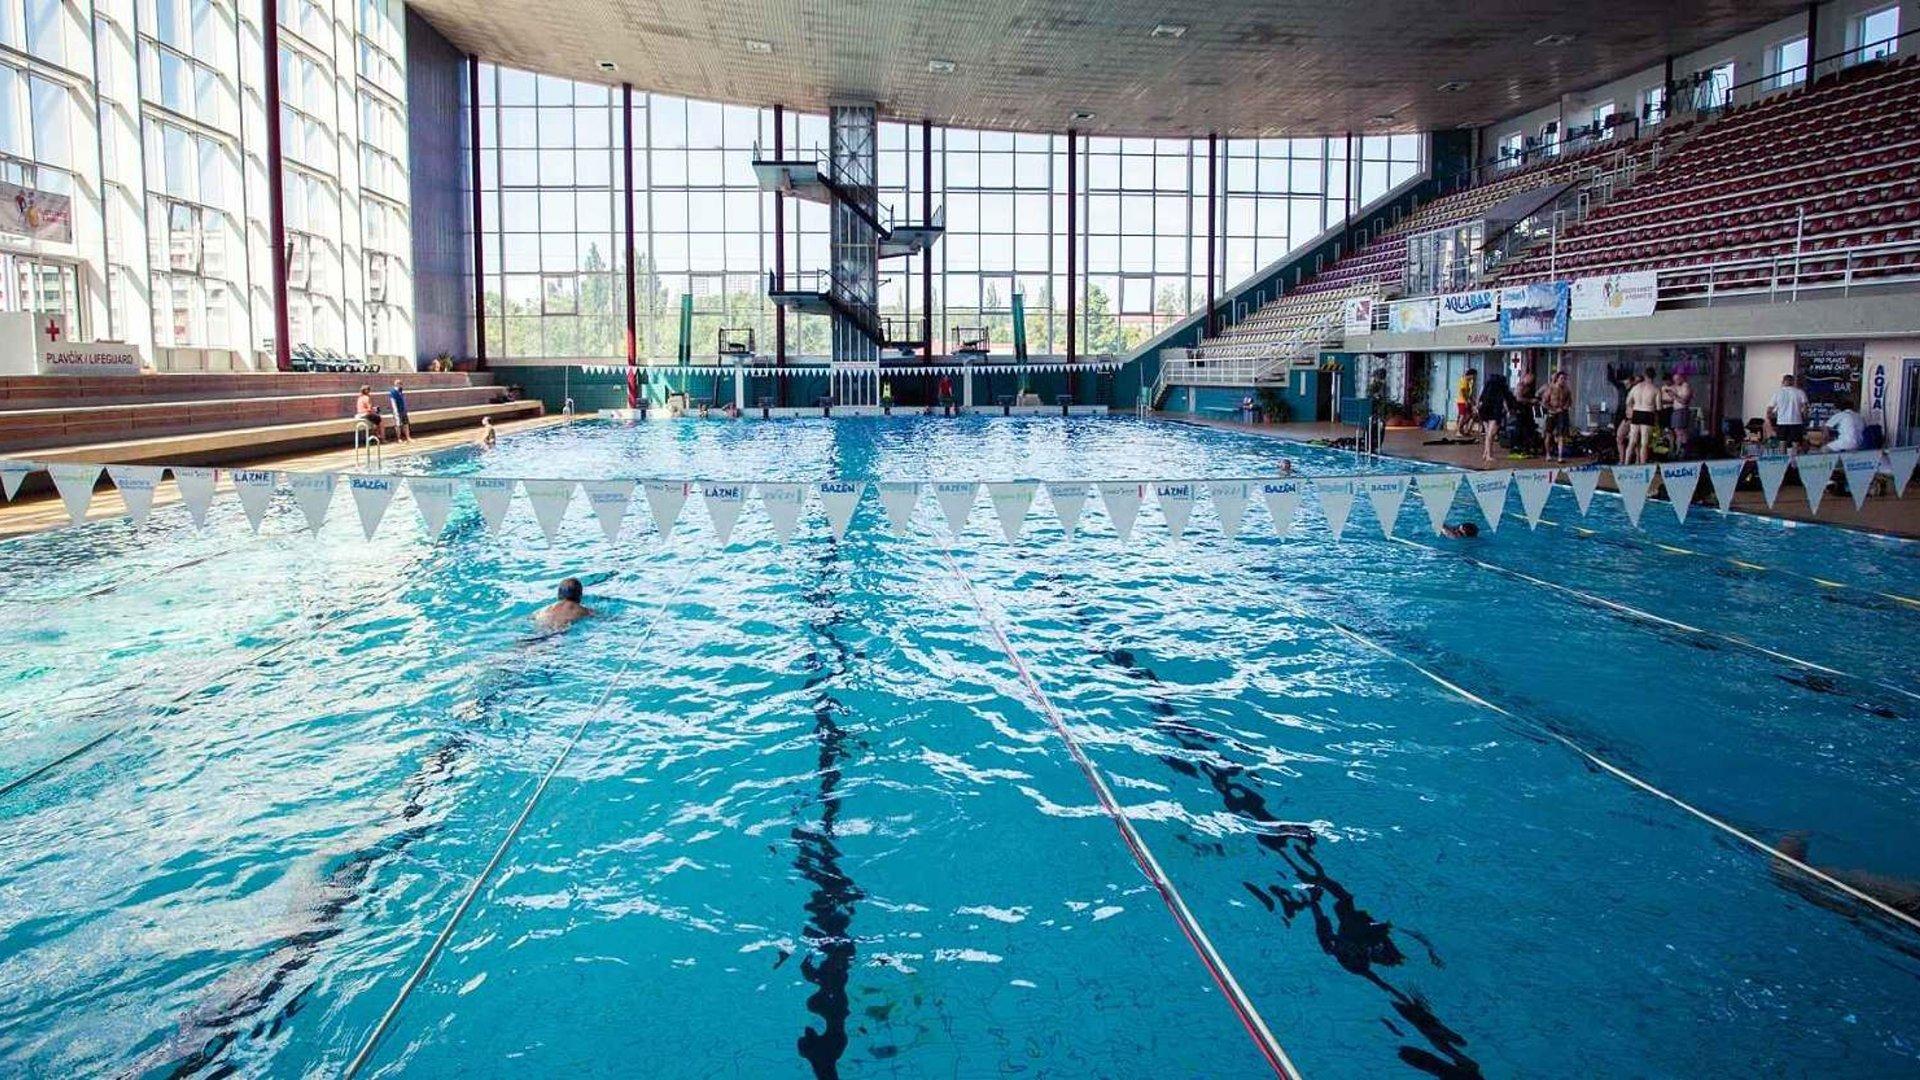 Bazén Lužánky – Průvodce plaveckým bazénem v Brně